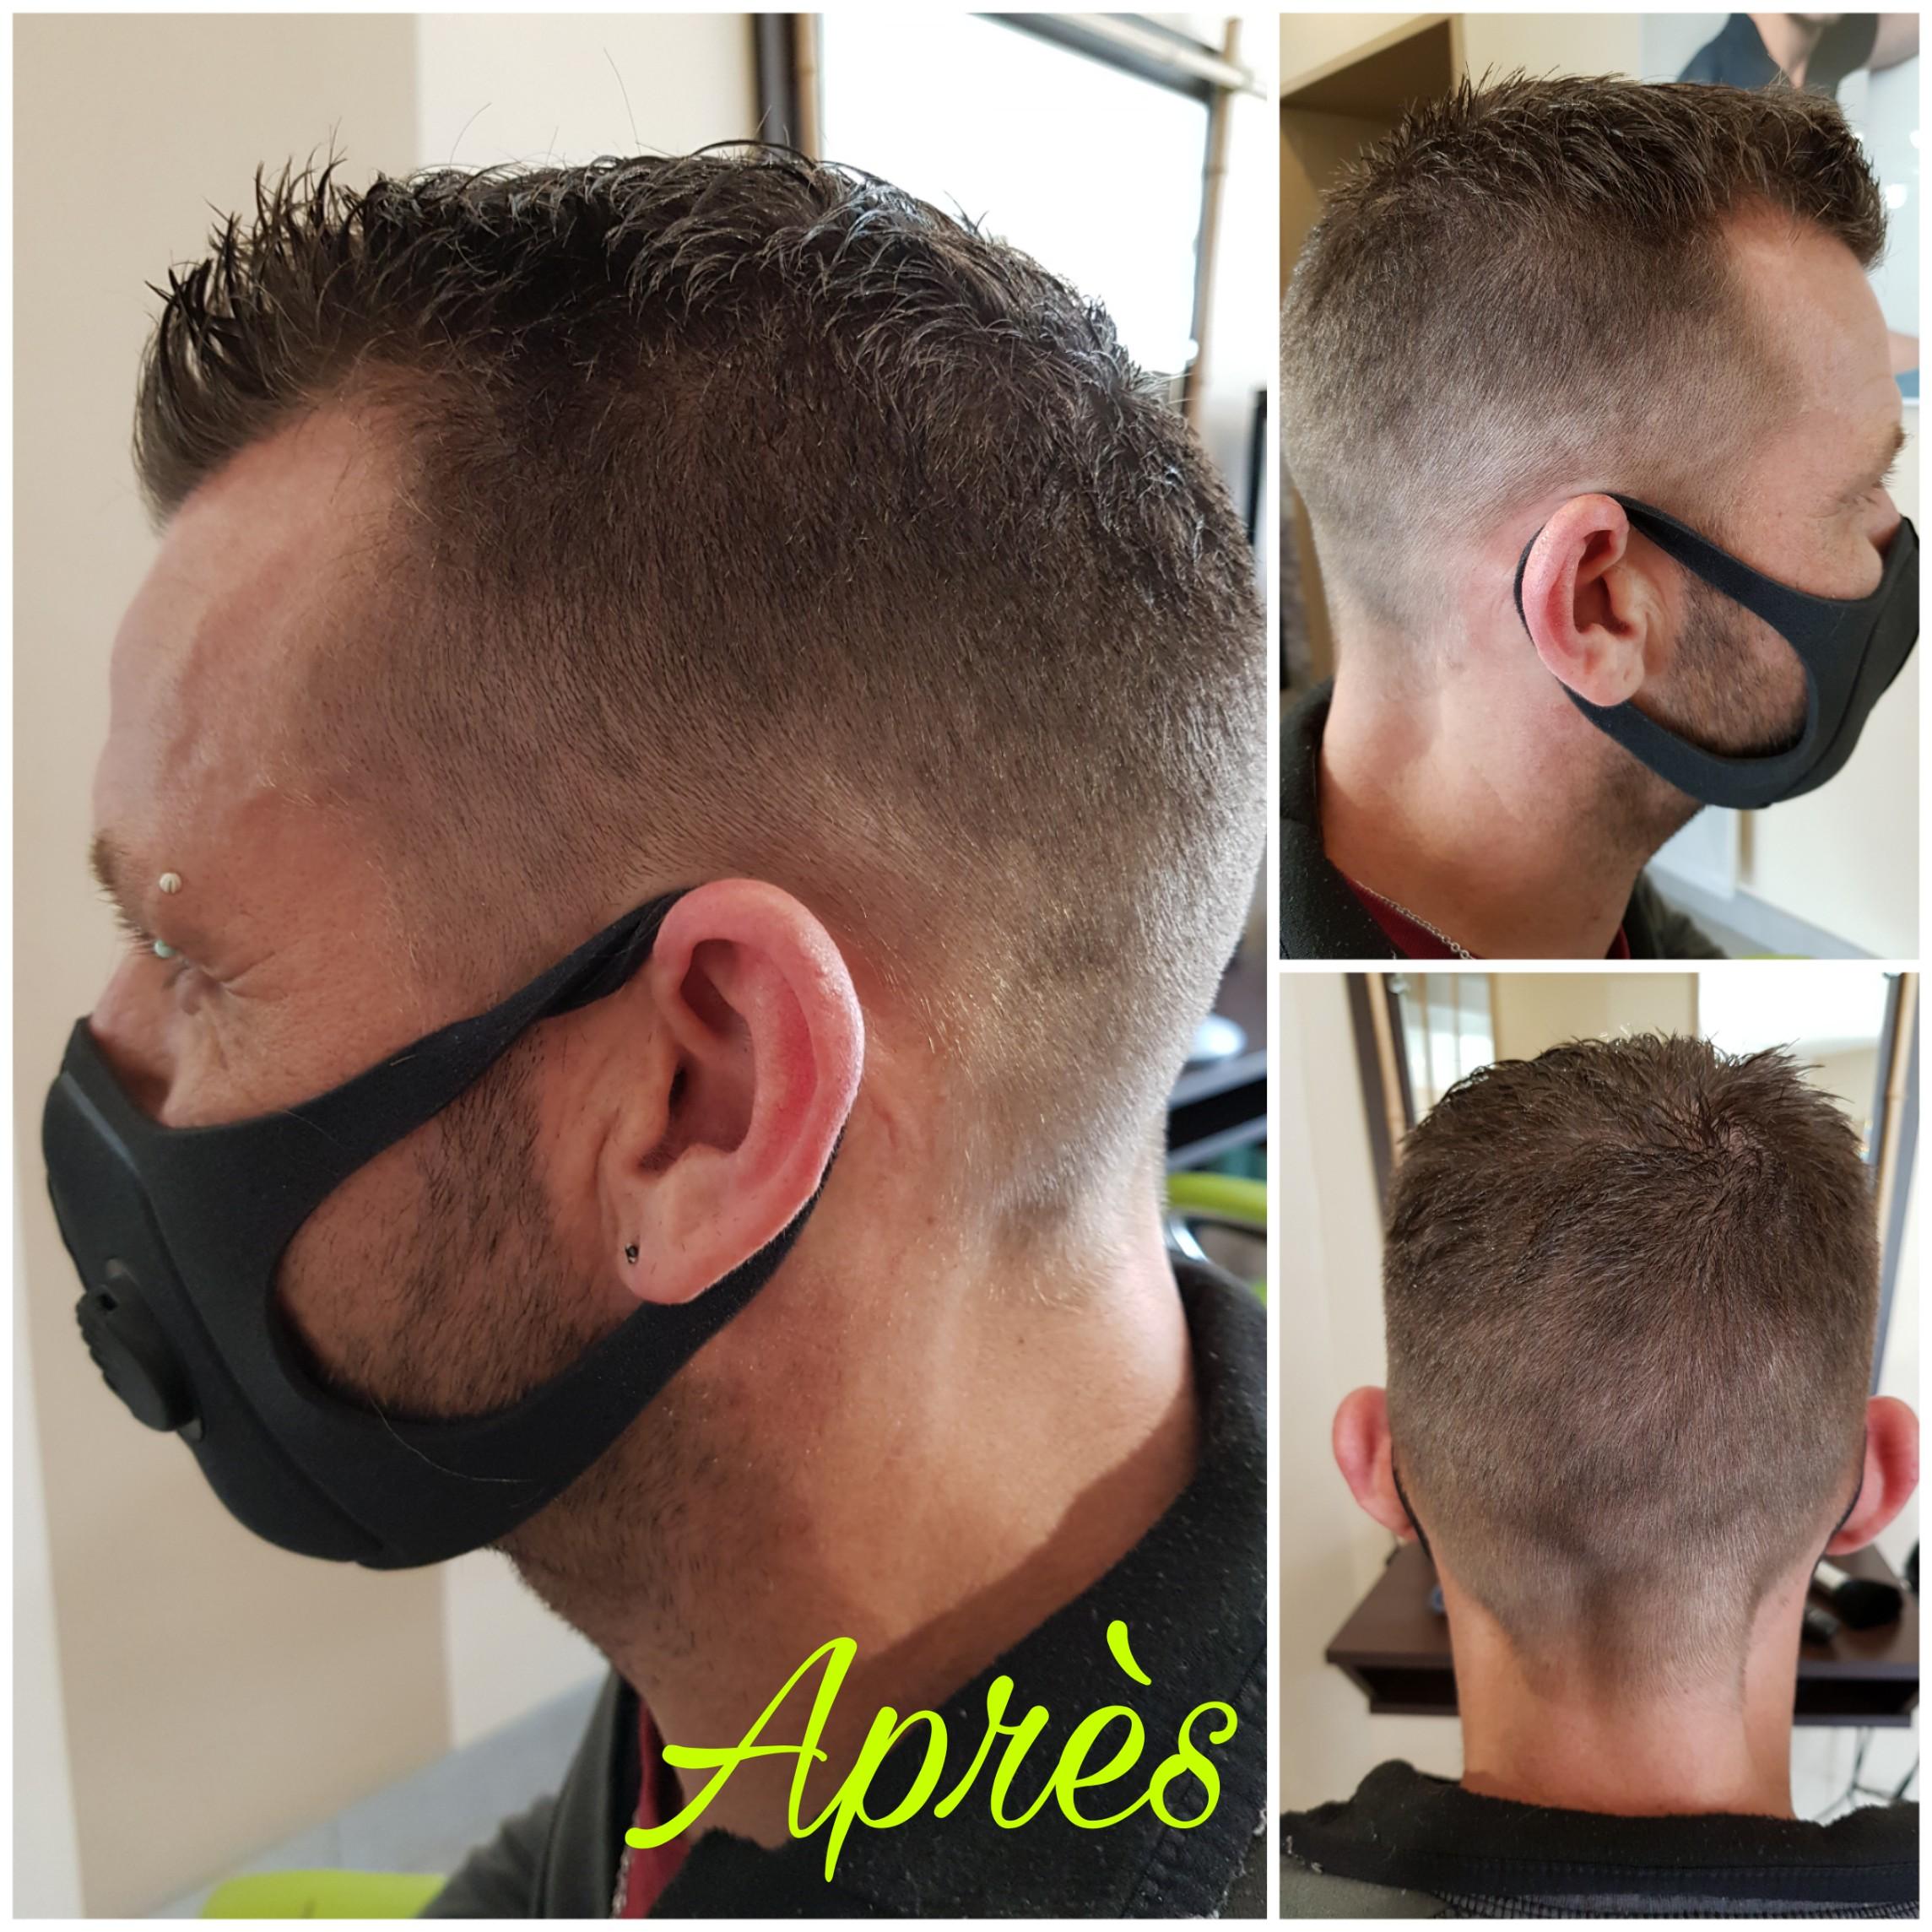 Coupe homme après - A l'hair libre coiffure